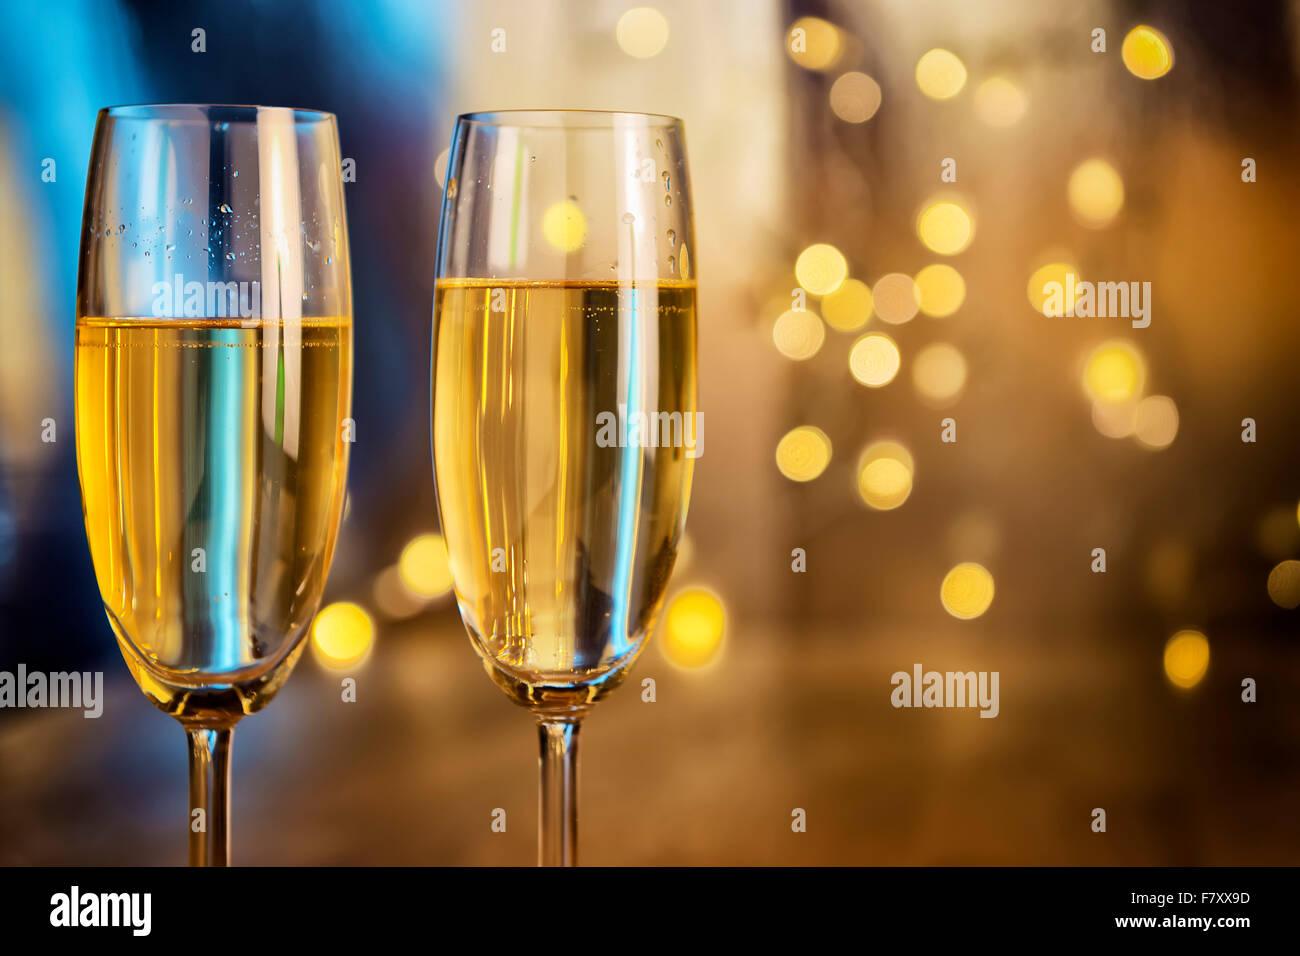 Image de deux verres de champagne avec feux de flou en arrière-plan Photo Stock